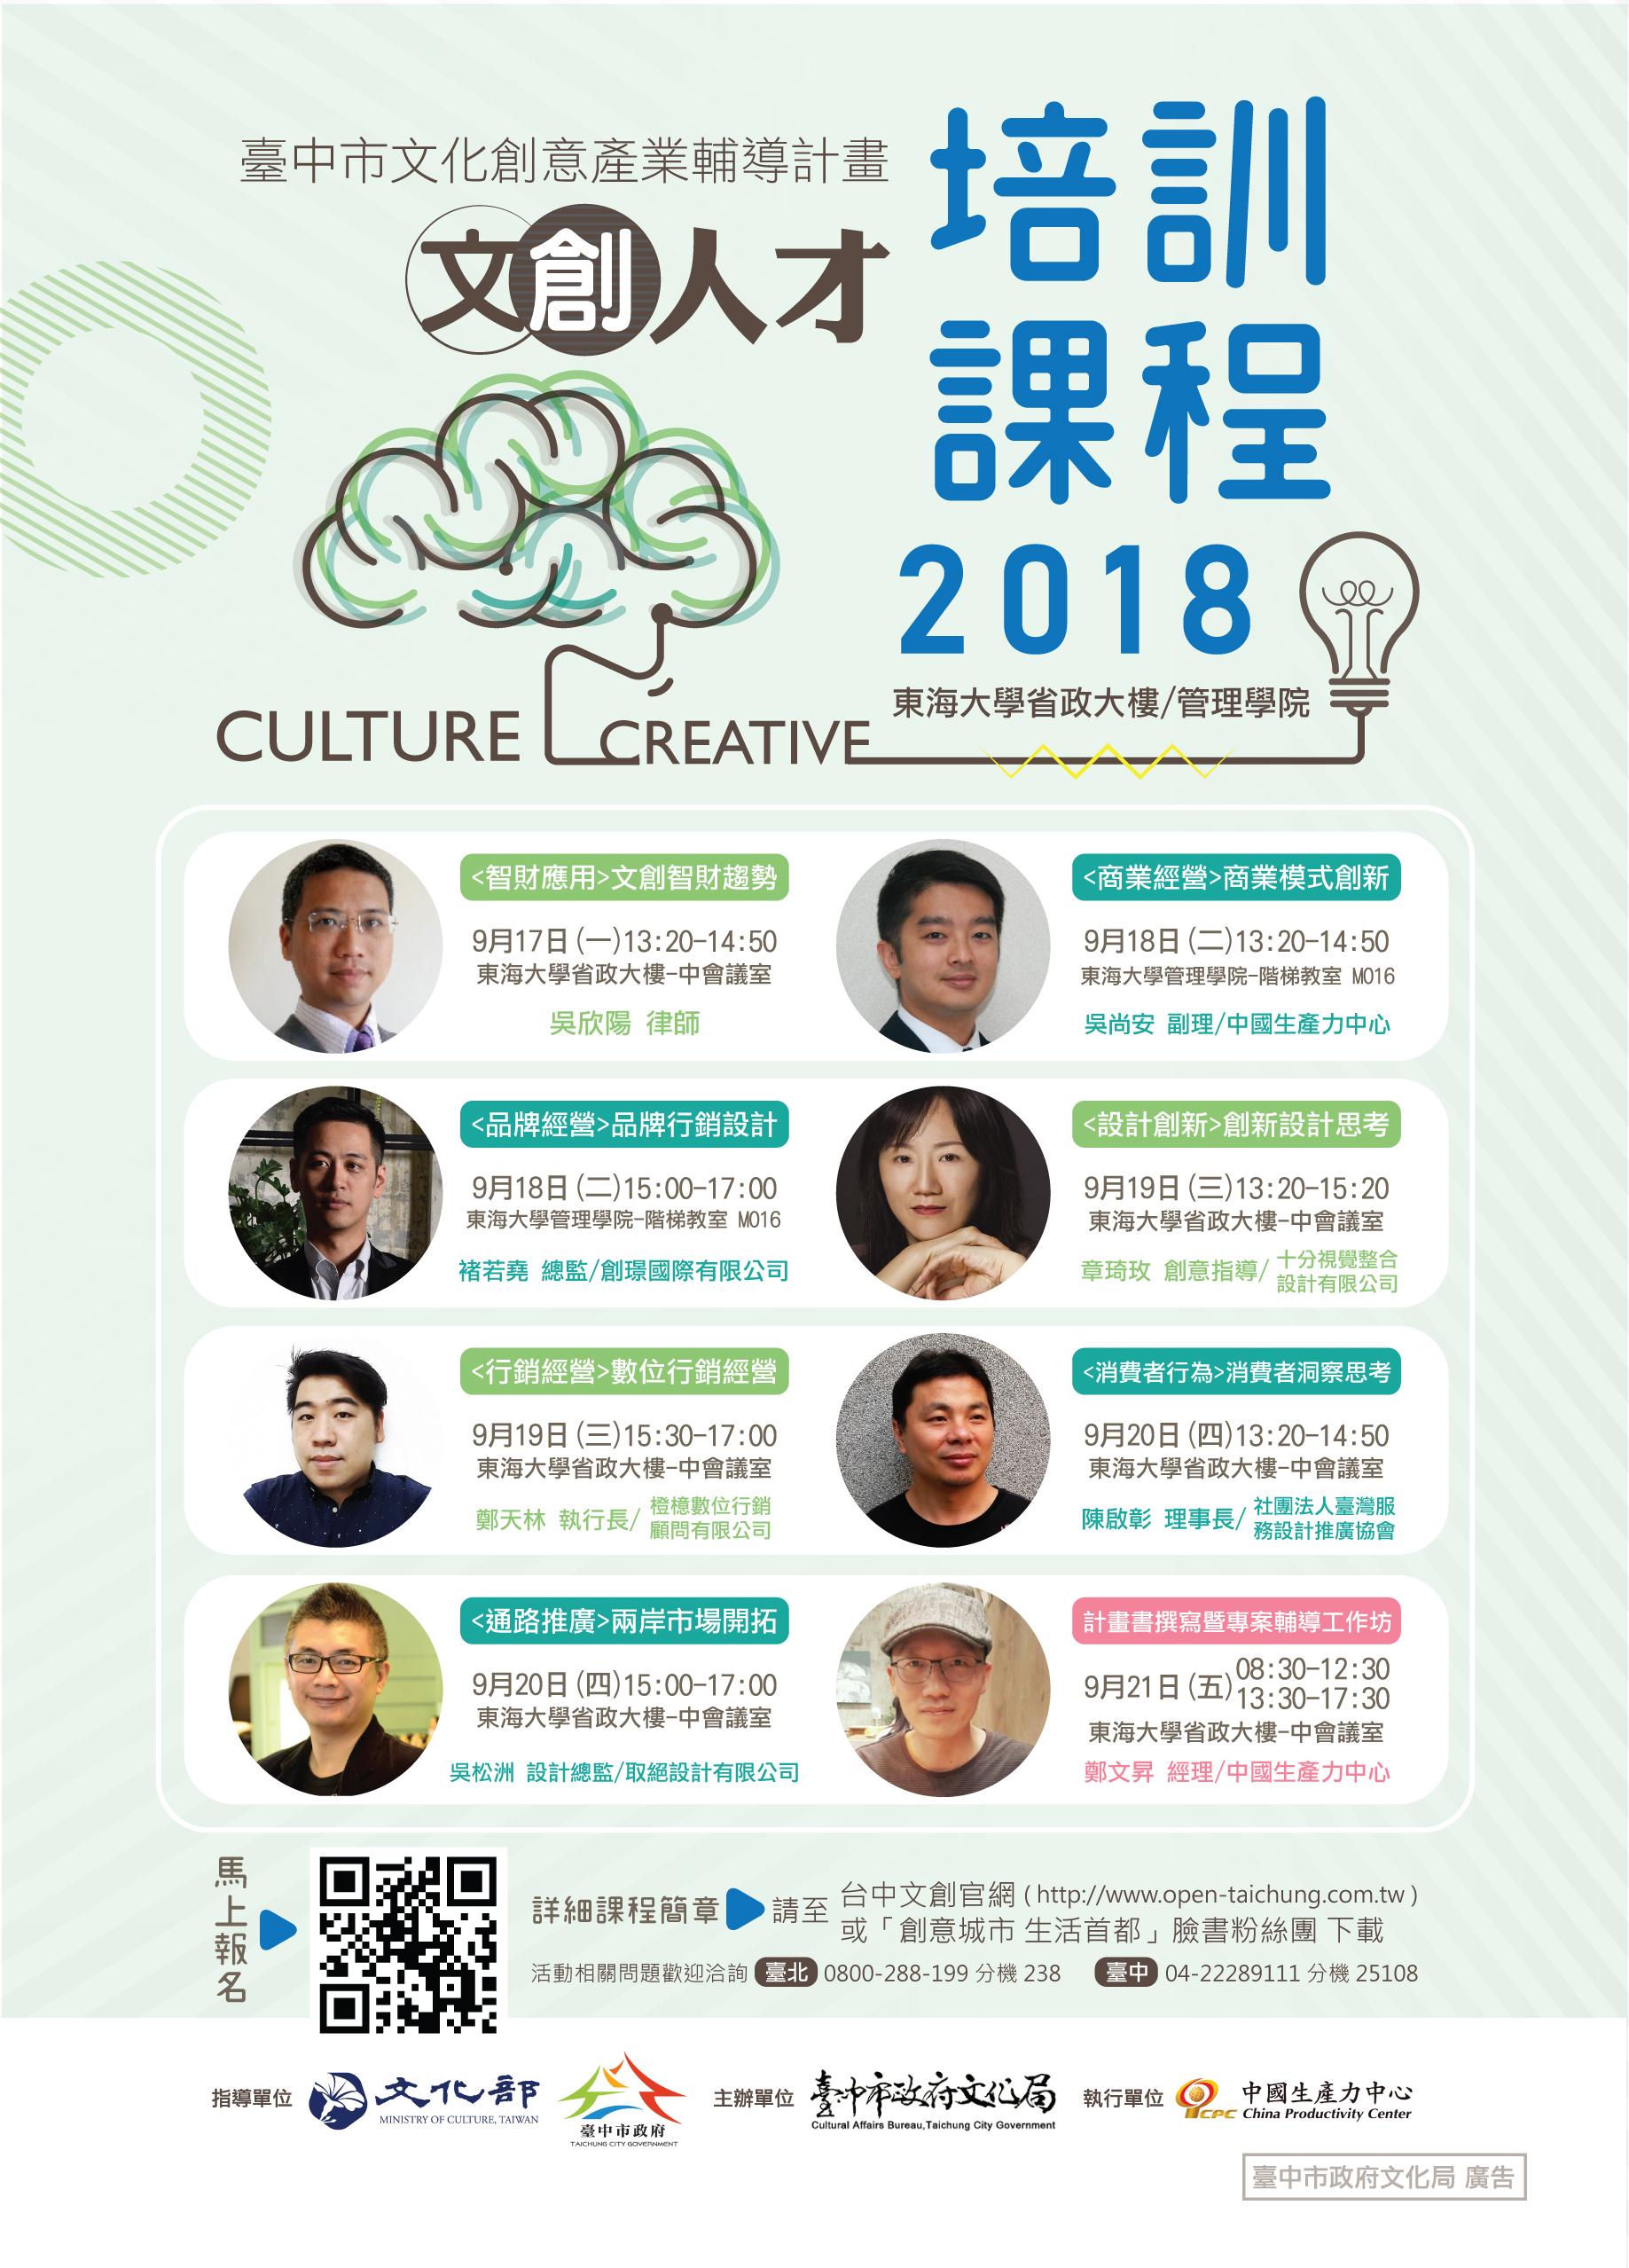 107臺中市文化創意產業輔導計畫-文化創意產業人才培訓課程